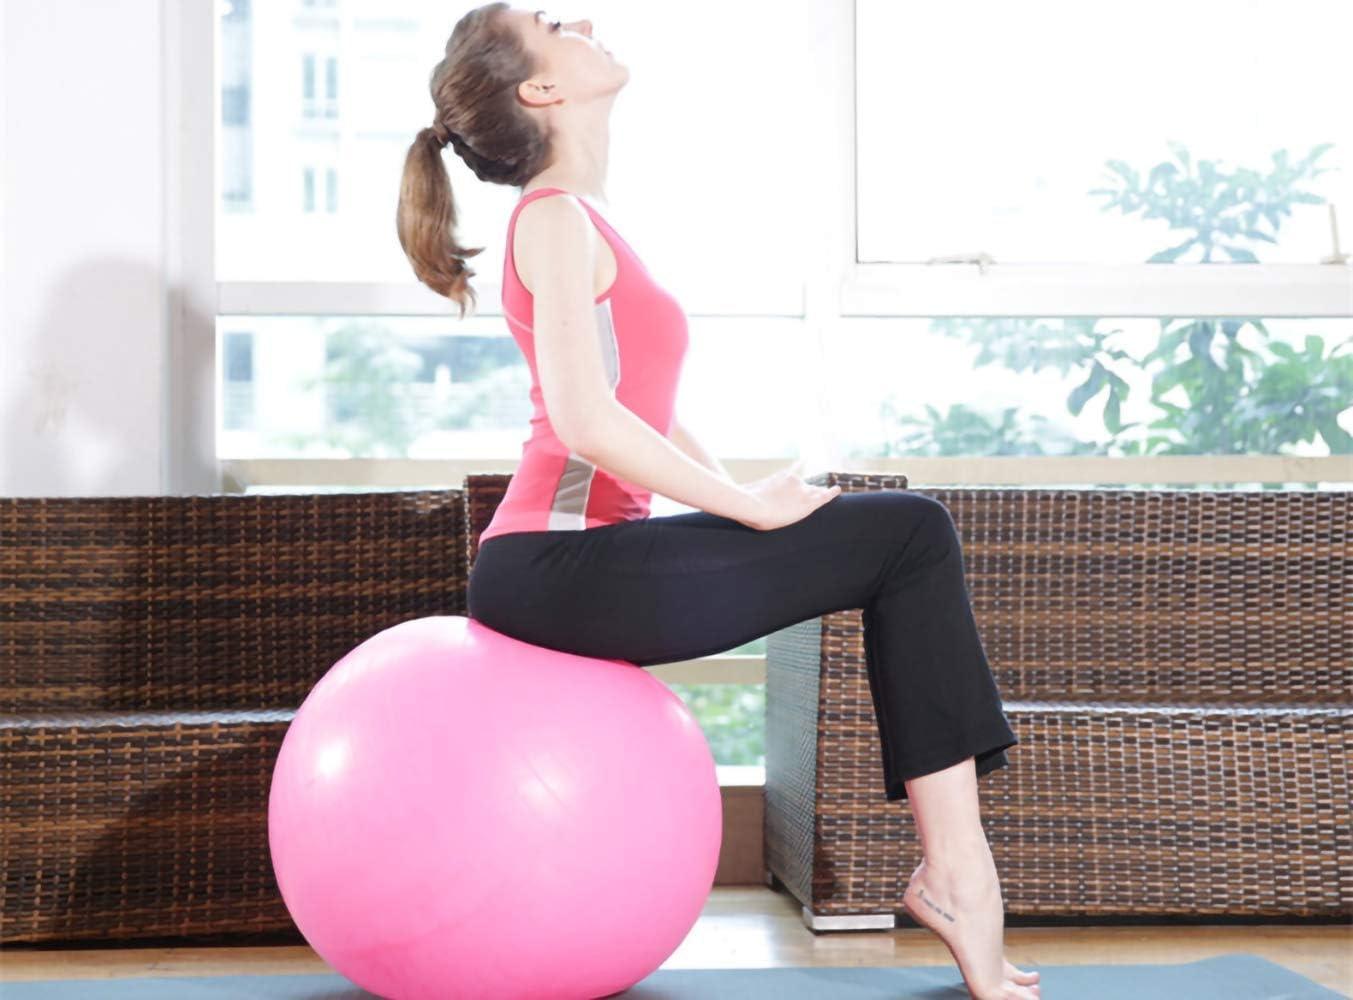 Amazon.com: Pelota de ejercicio para yoga, fitness, estabilidad de  equilibrio, extragruesa de grado profesional y pelota de estabilidad – anti  explosión Púrpura: Electronics